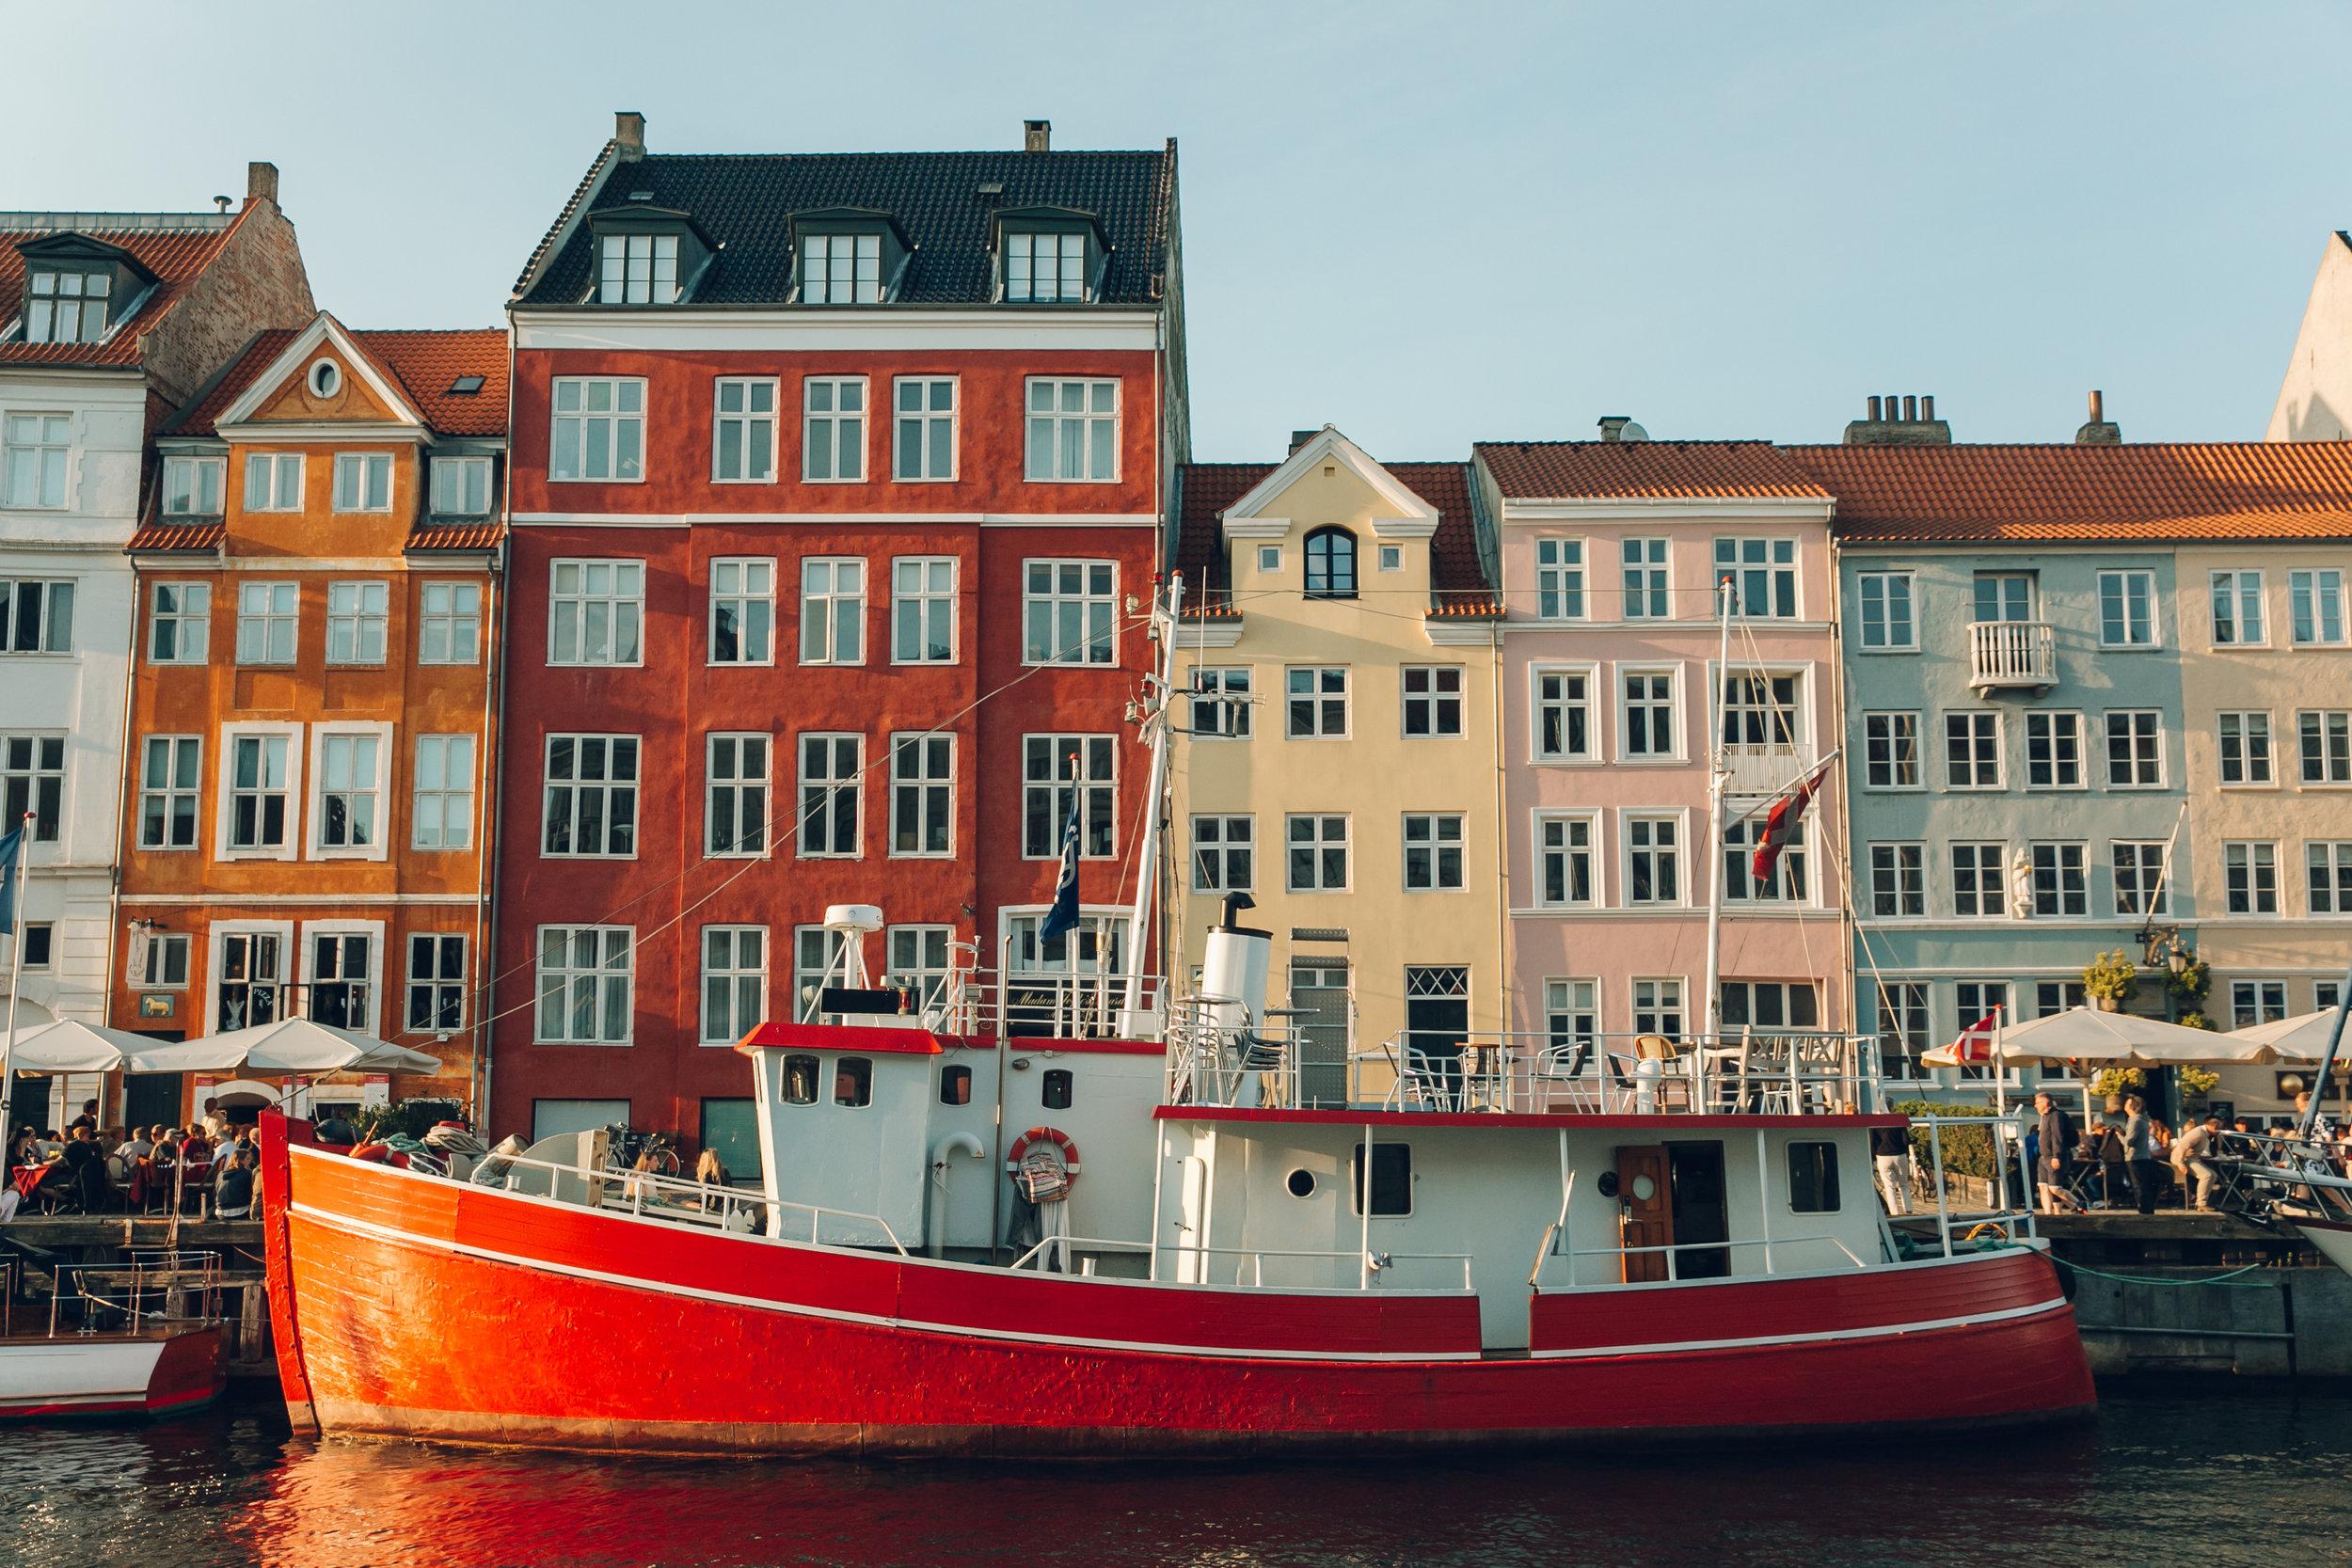 72 hours in Copenhagen - Nyhavn.